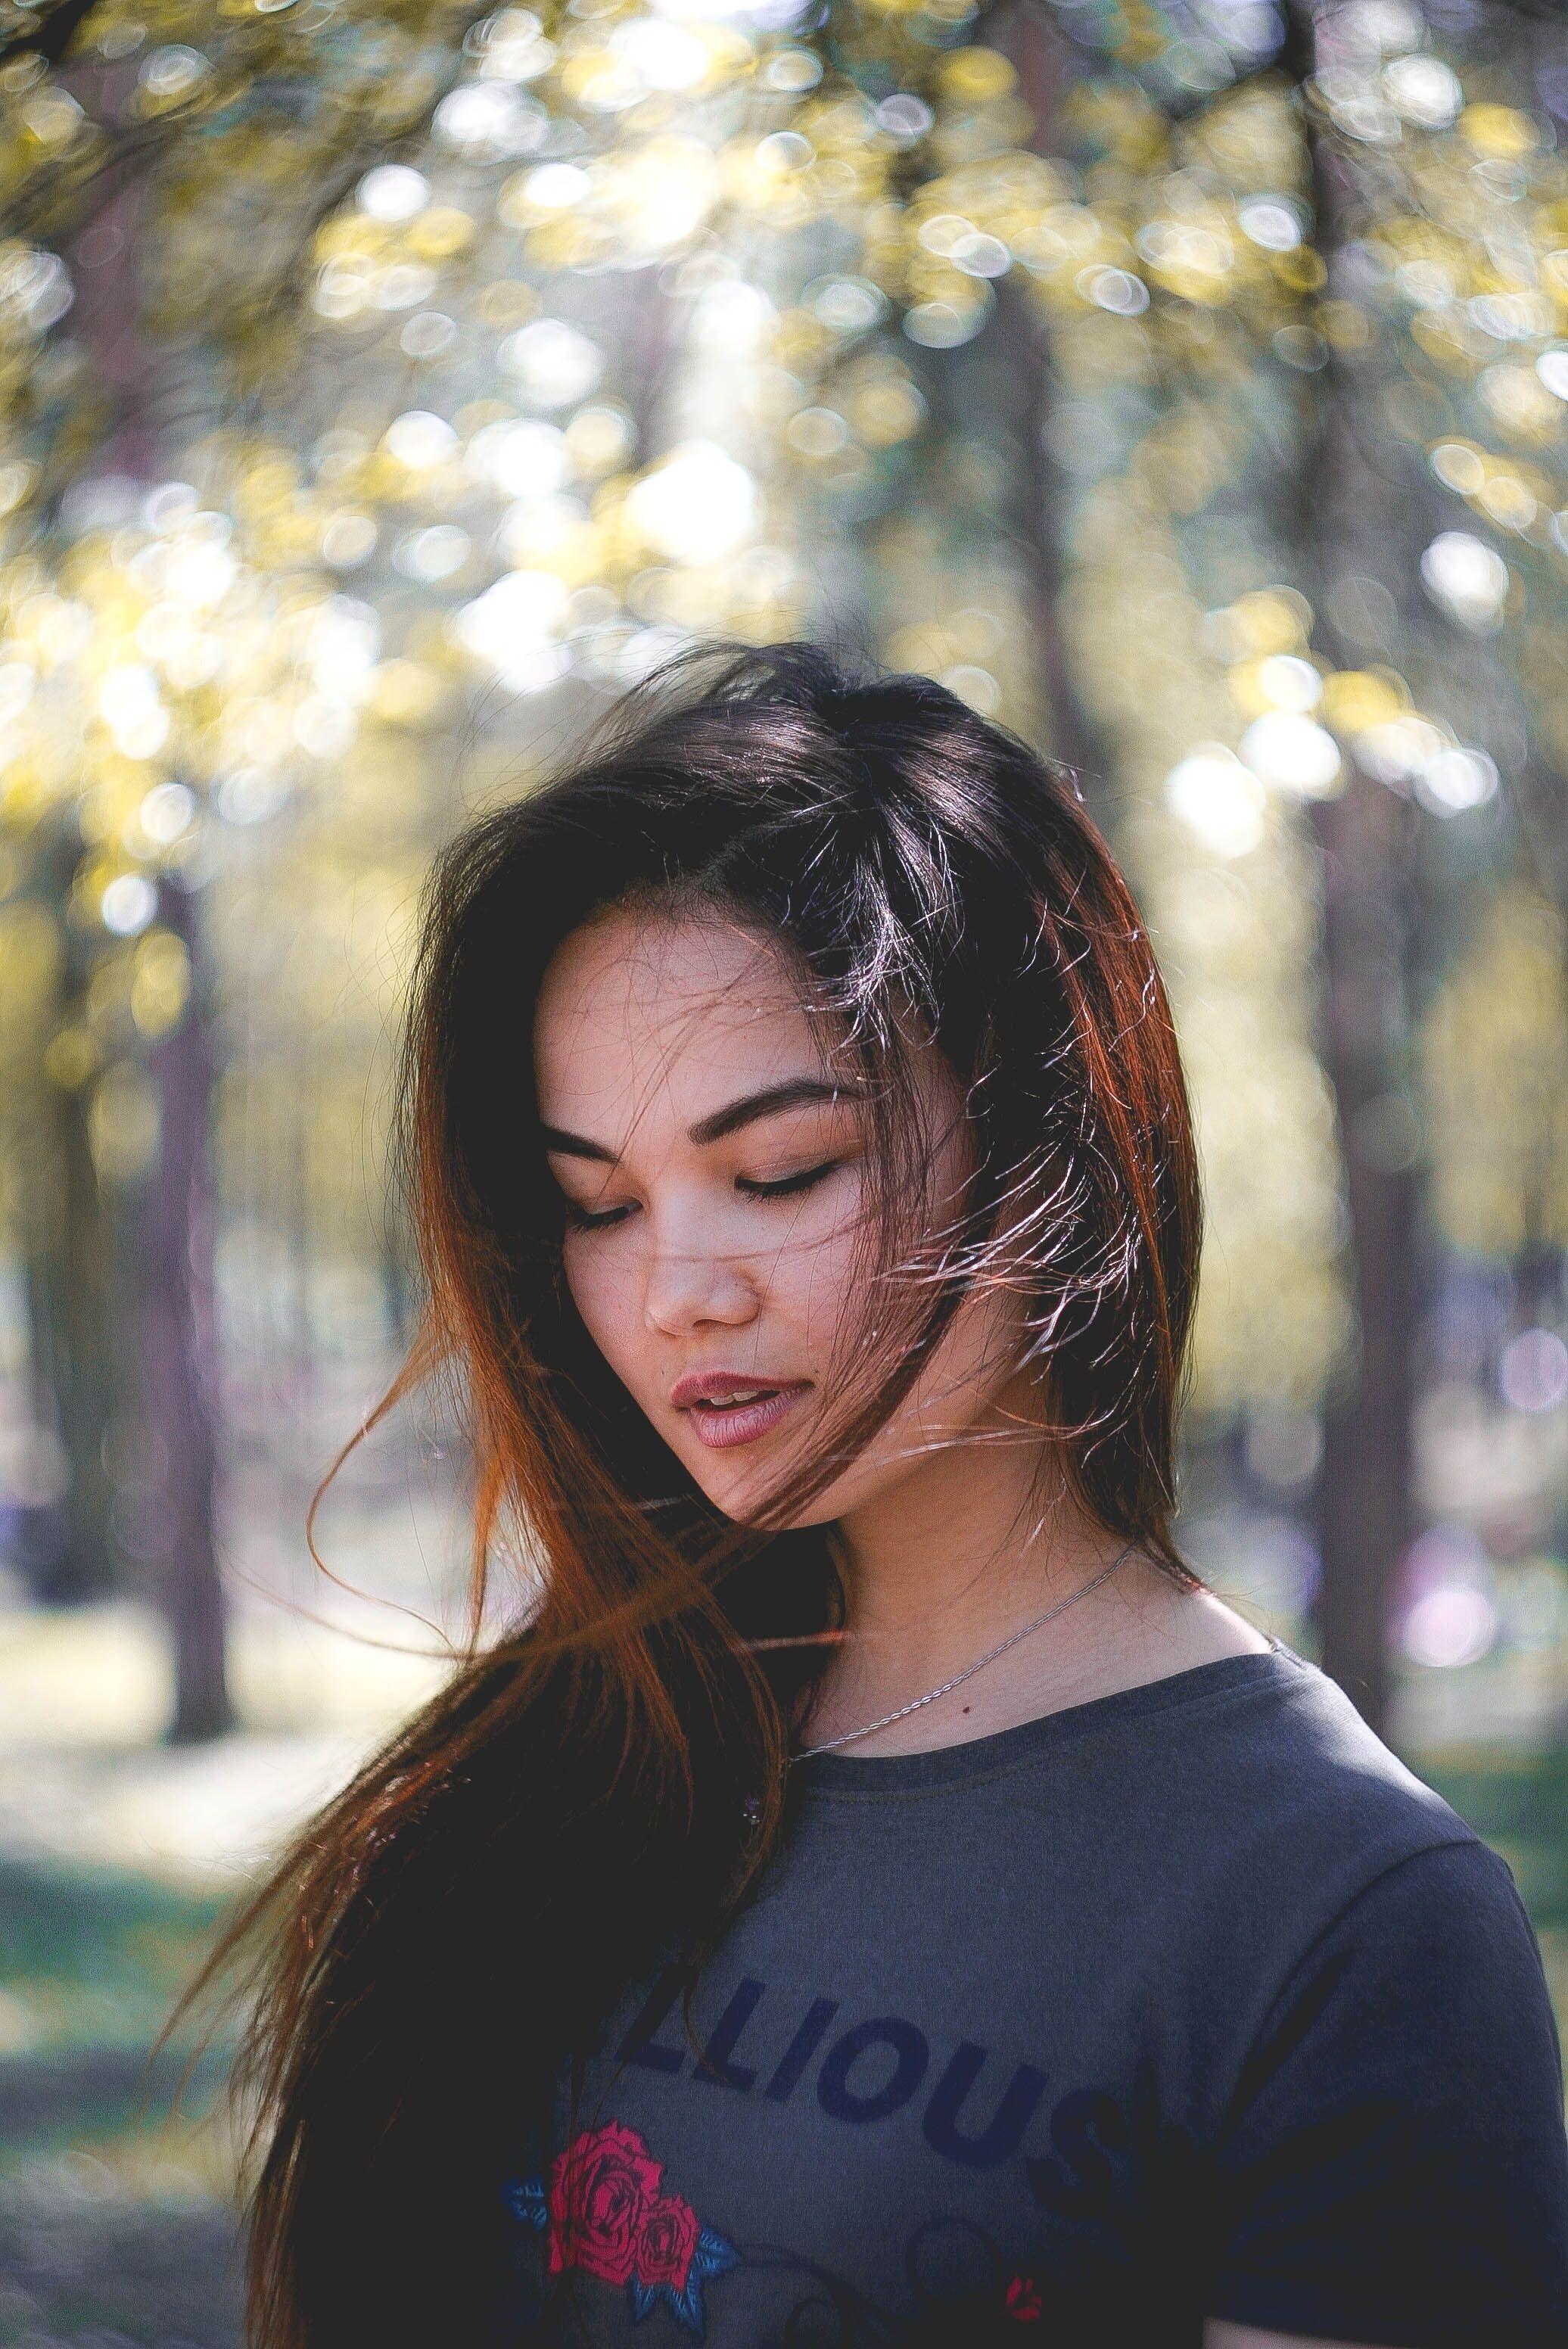 Canon Canon Eos 1d Mark Ii N Fcfcfa Portrait Photo Girl Photos